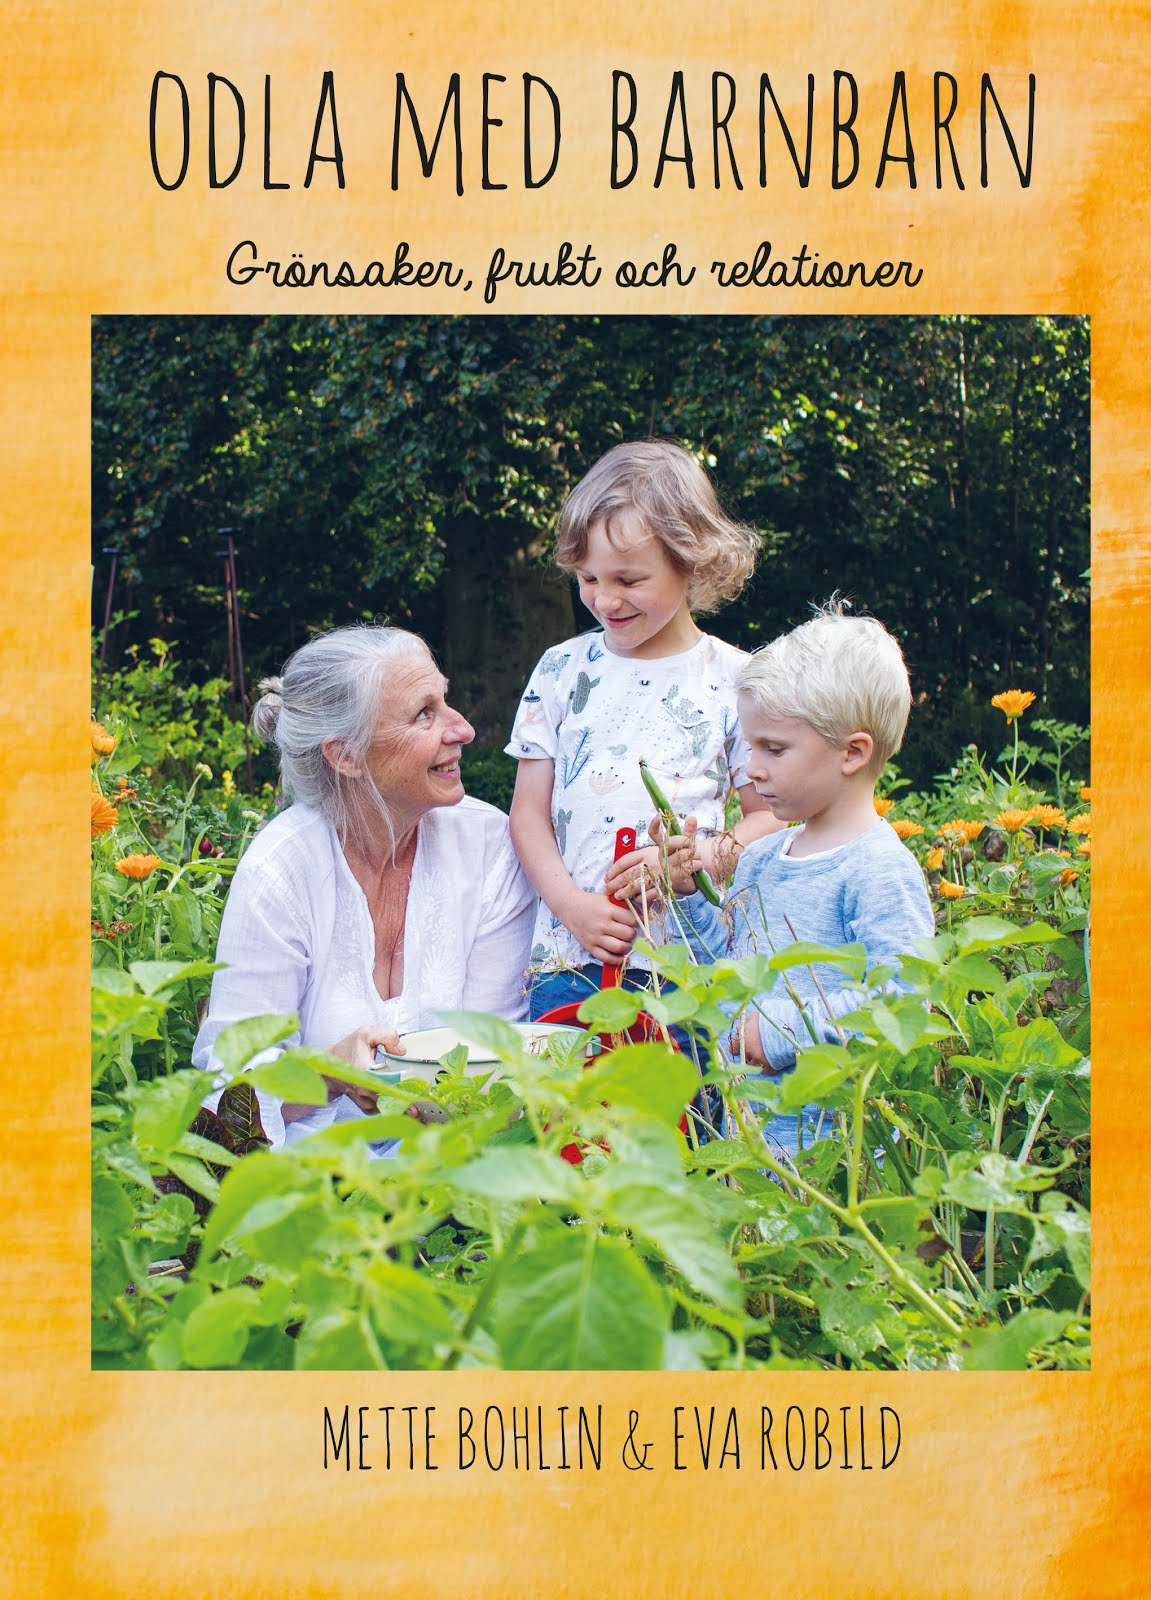 Odla med barnbarn